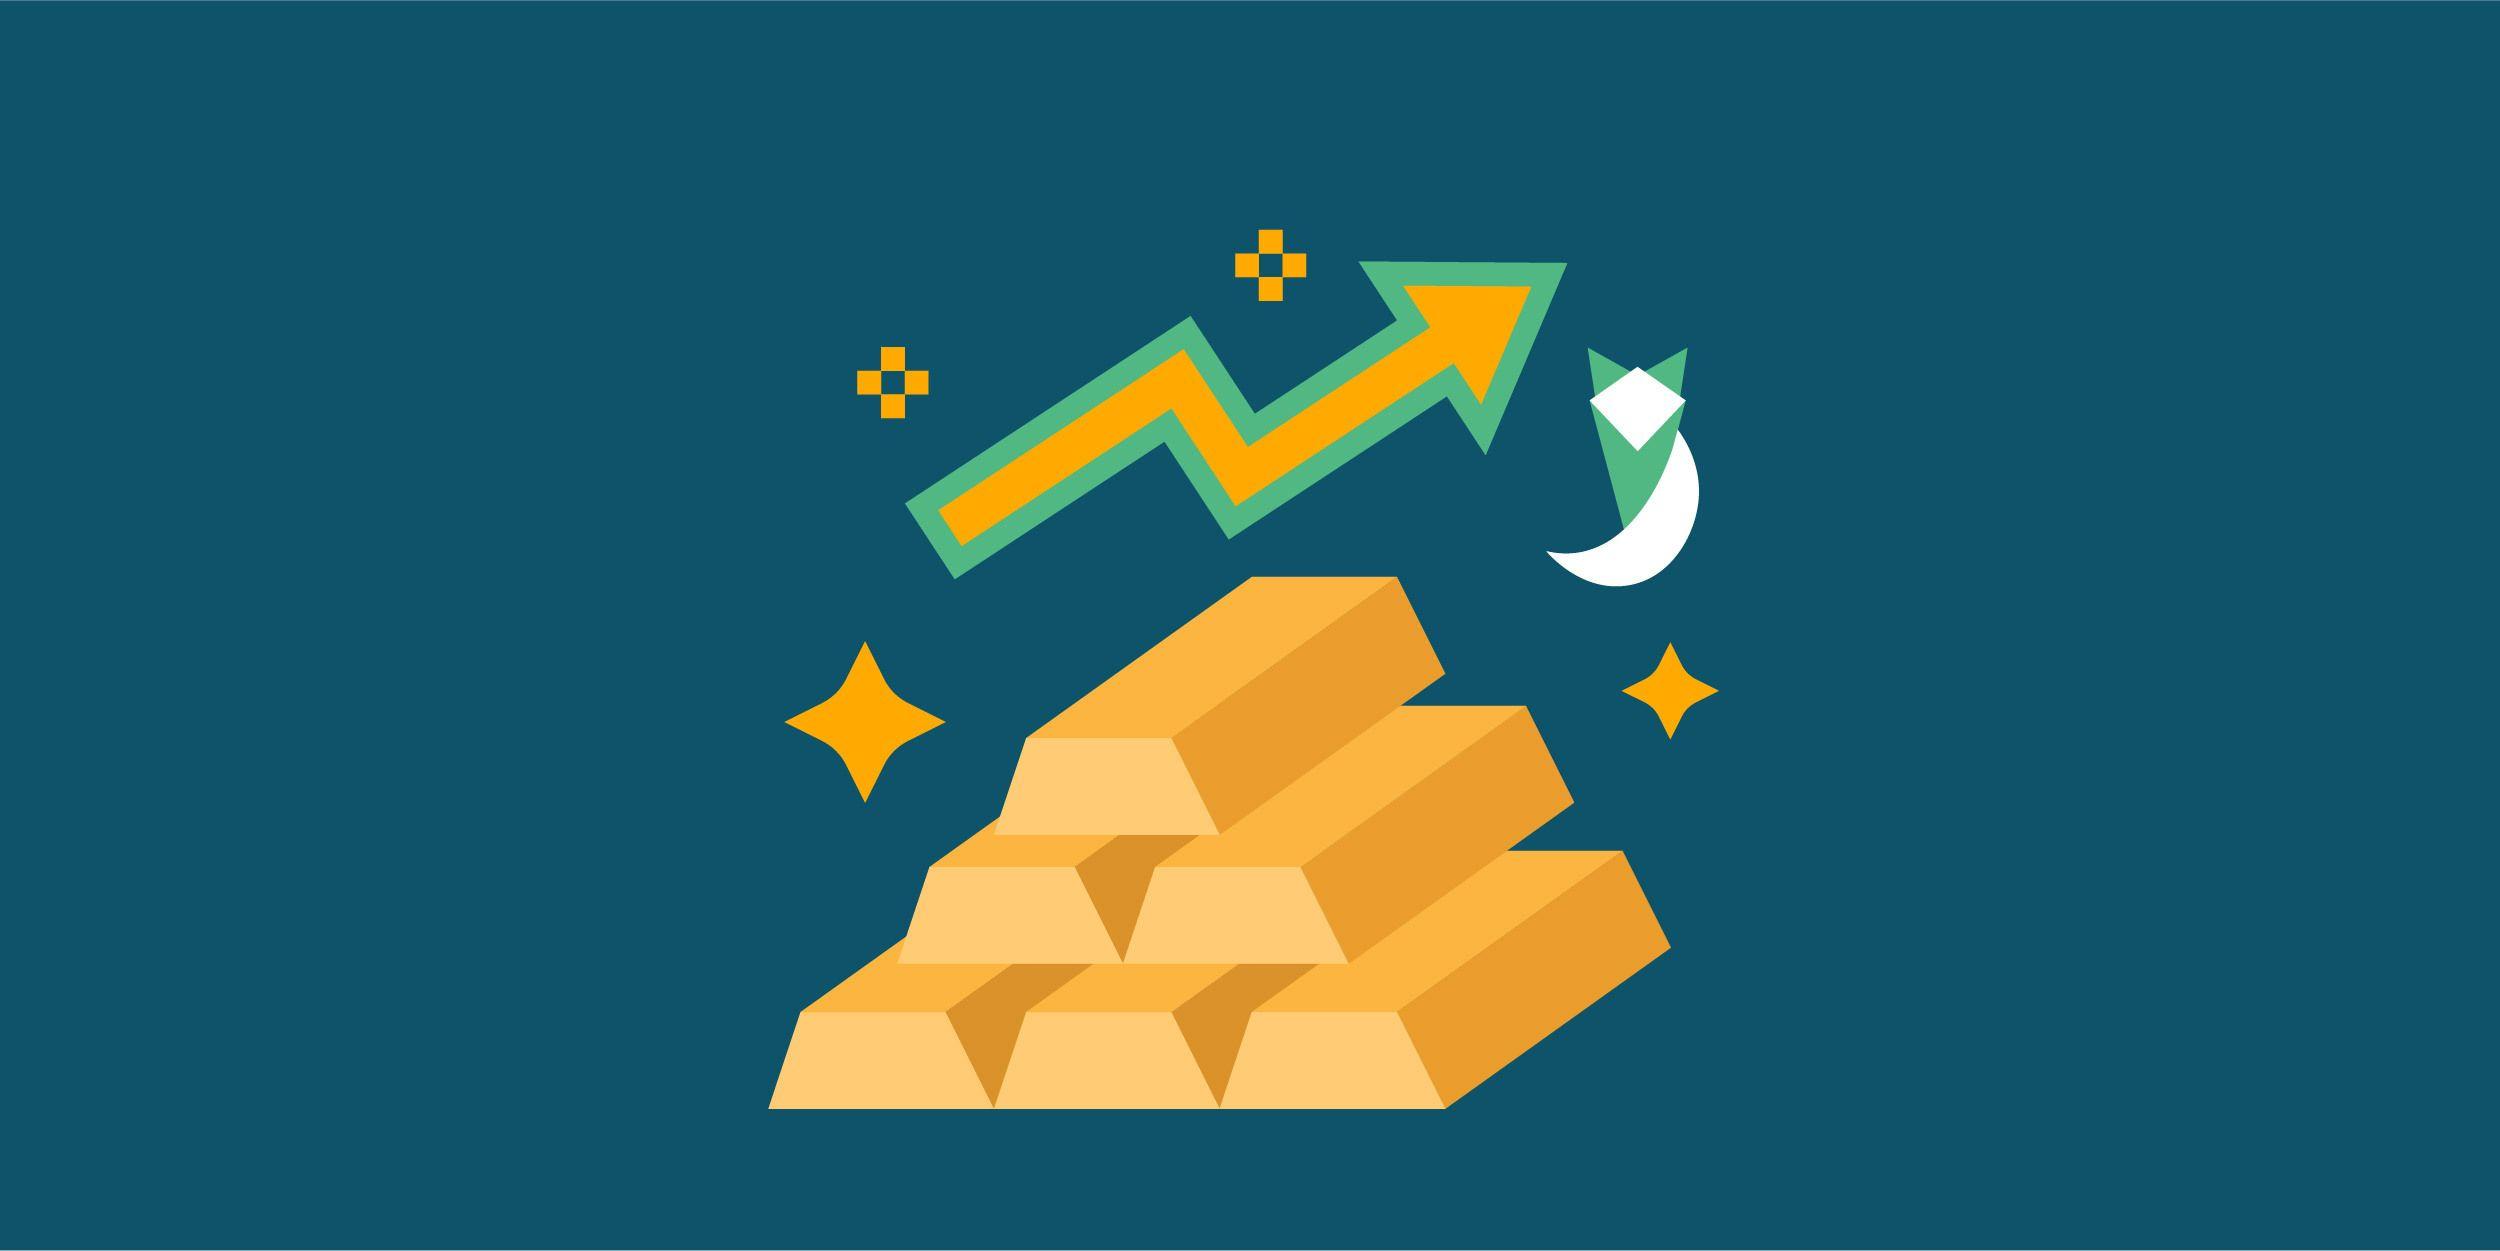 أسعار الدهب في مصر اليوم : الخميس 15 أبريل 2021